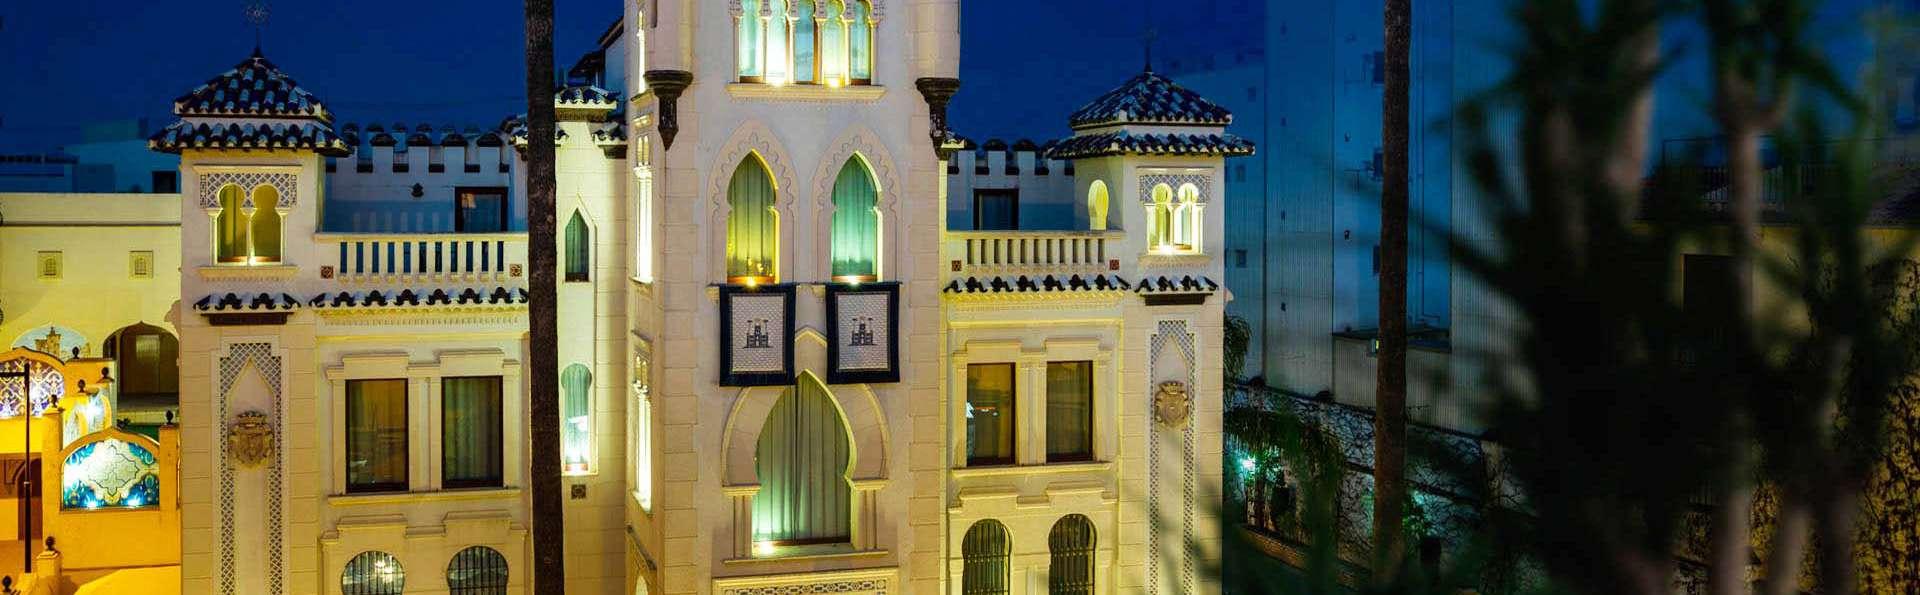 Hotel Kazar - kazar_genericos_2.jpg